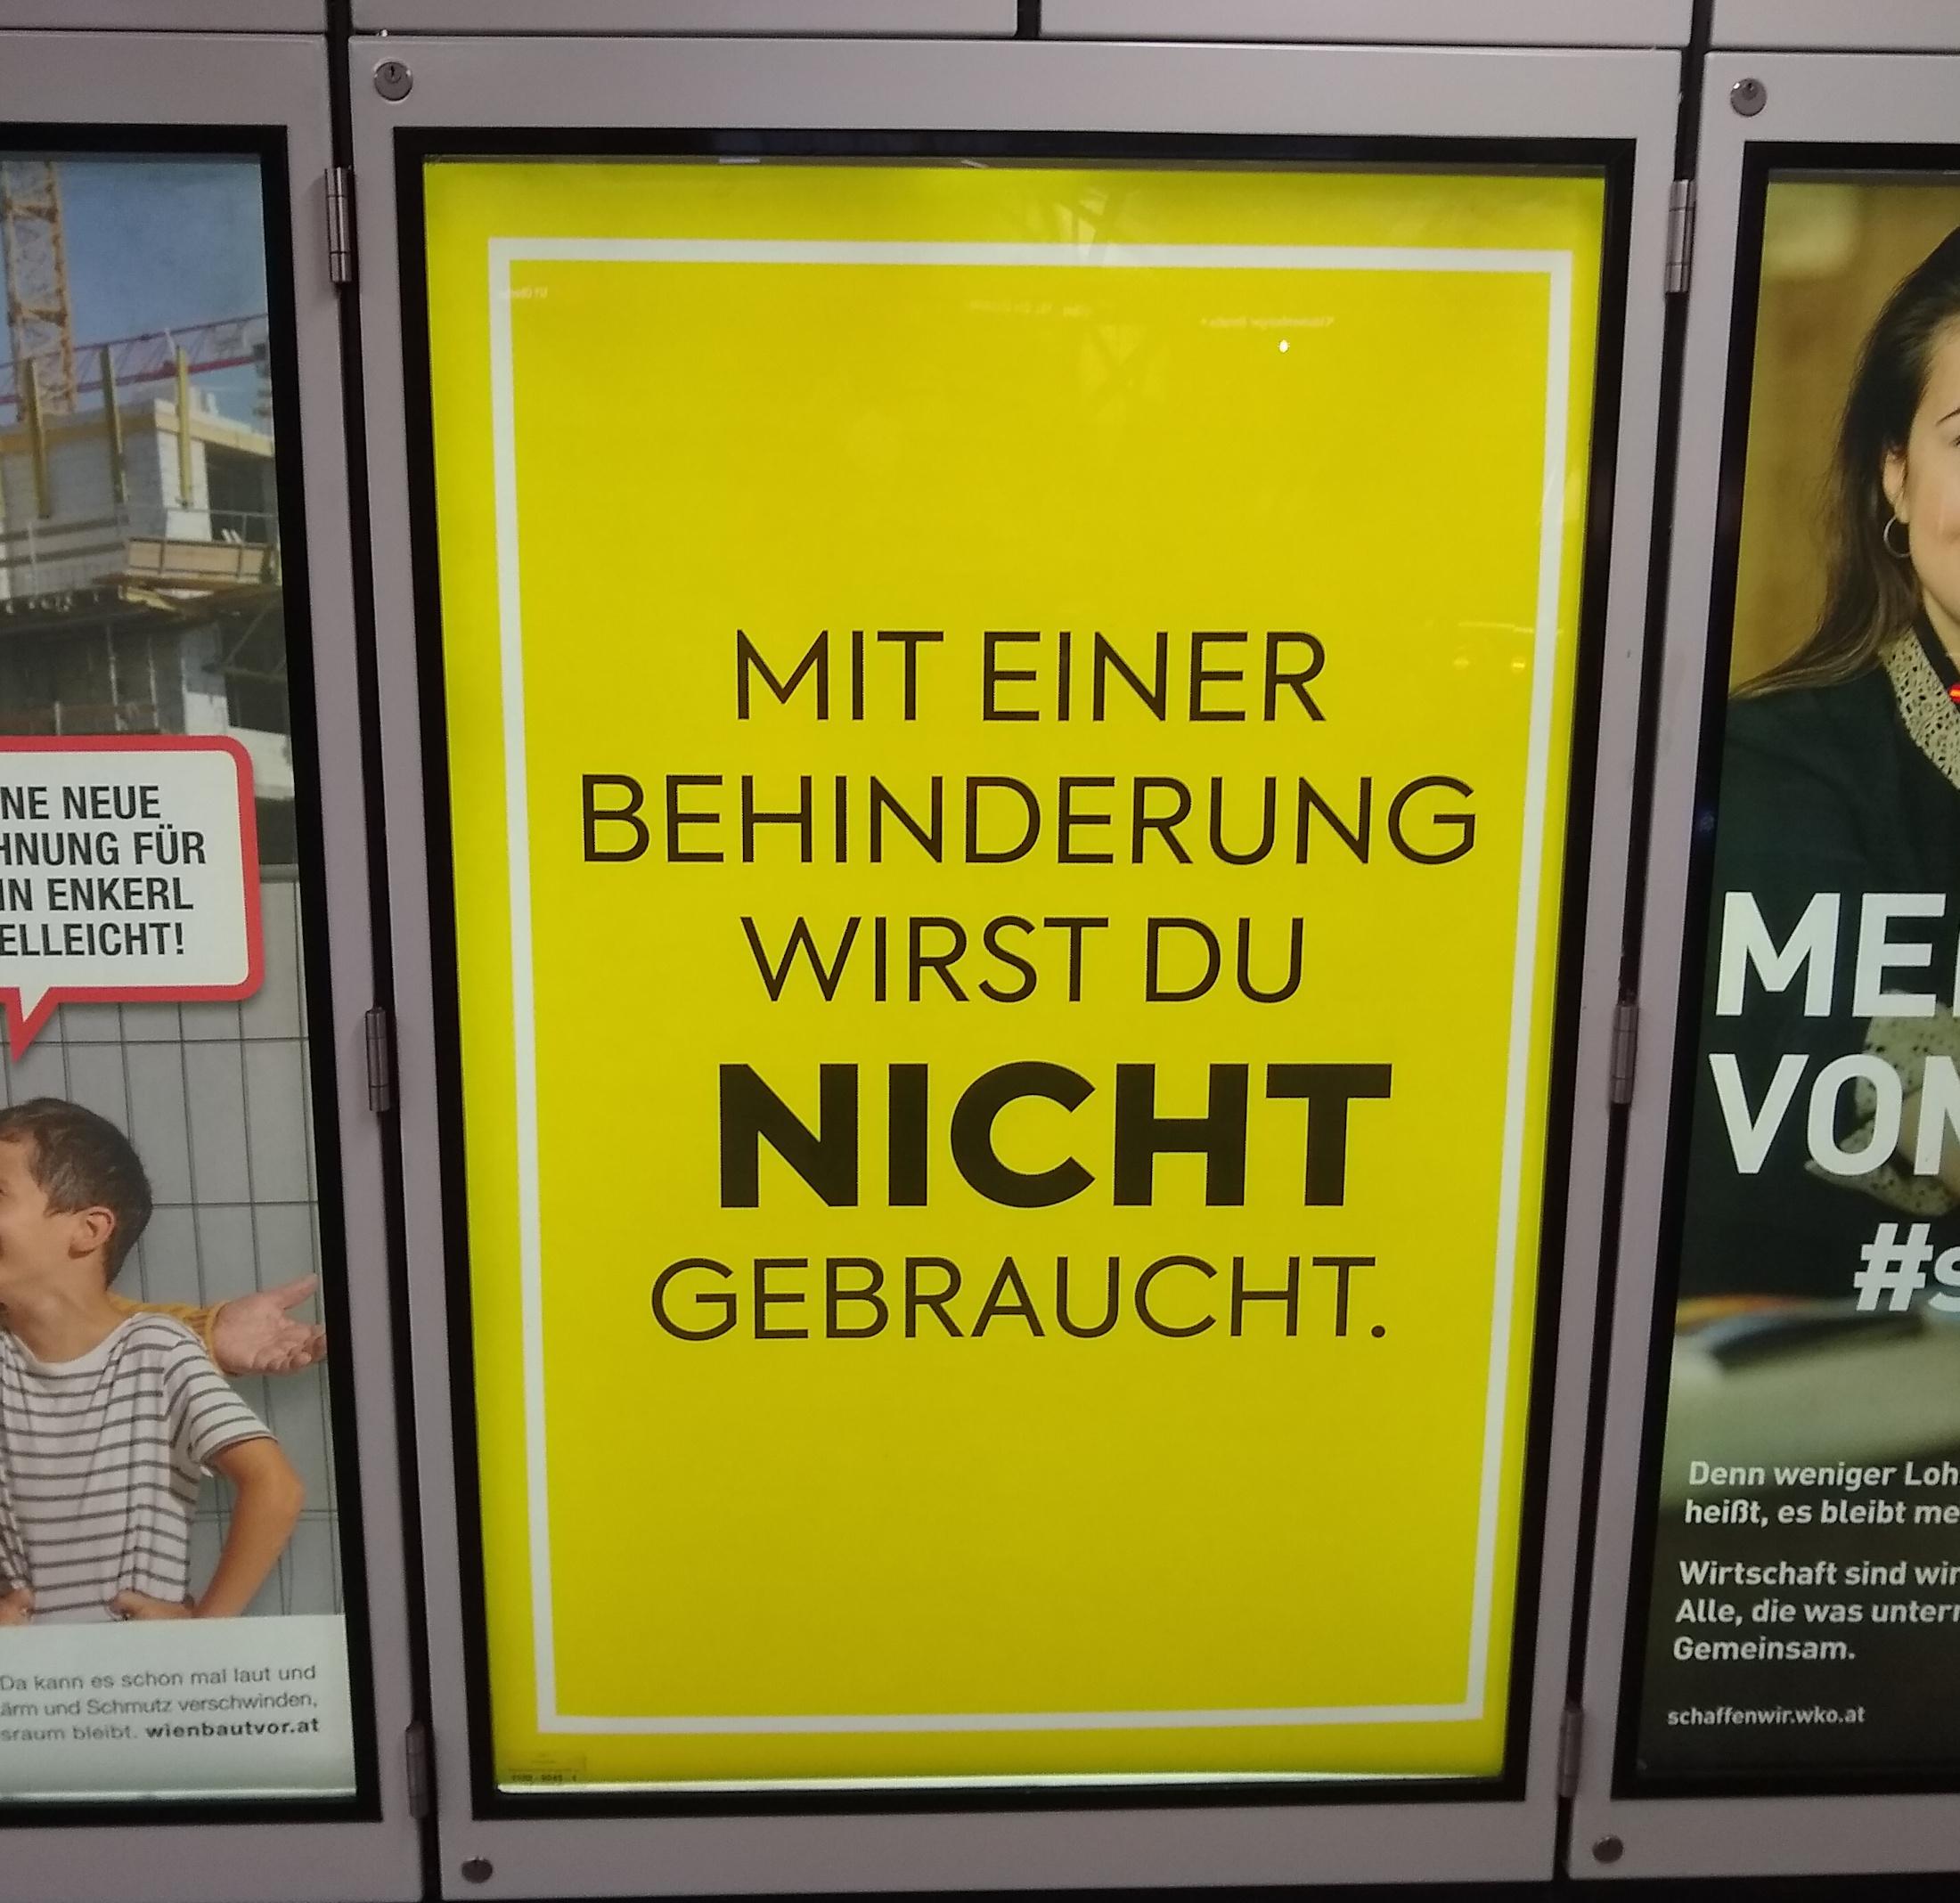 Werbeplakat mit Aufdruck: Mit einer Behinderung wirst du nicht gebraucht.